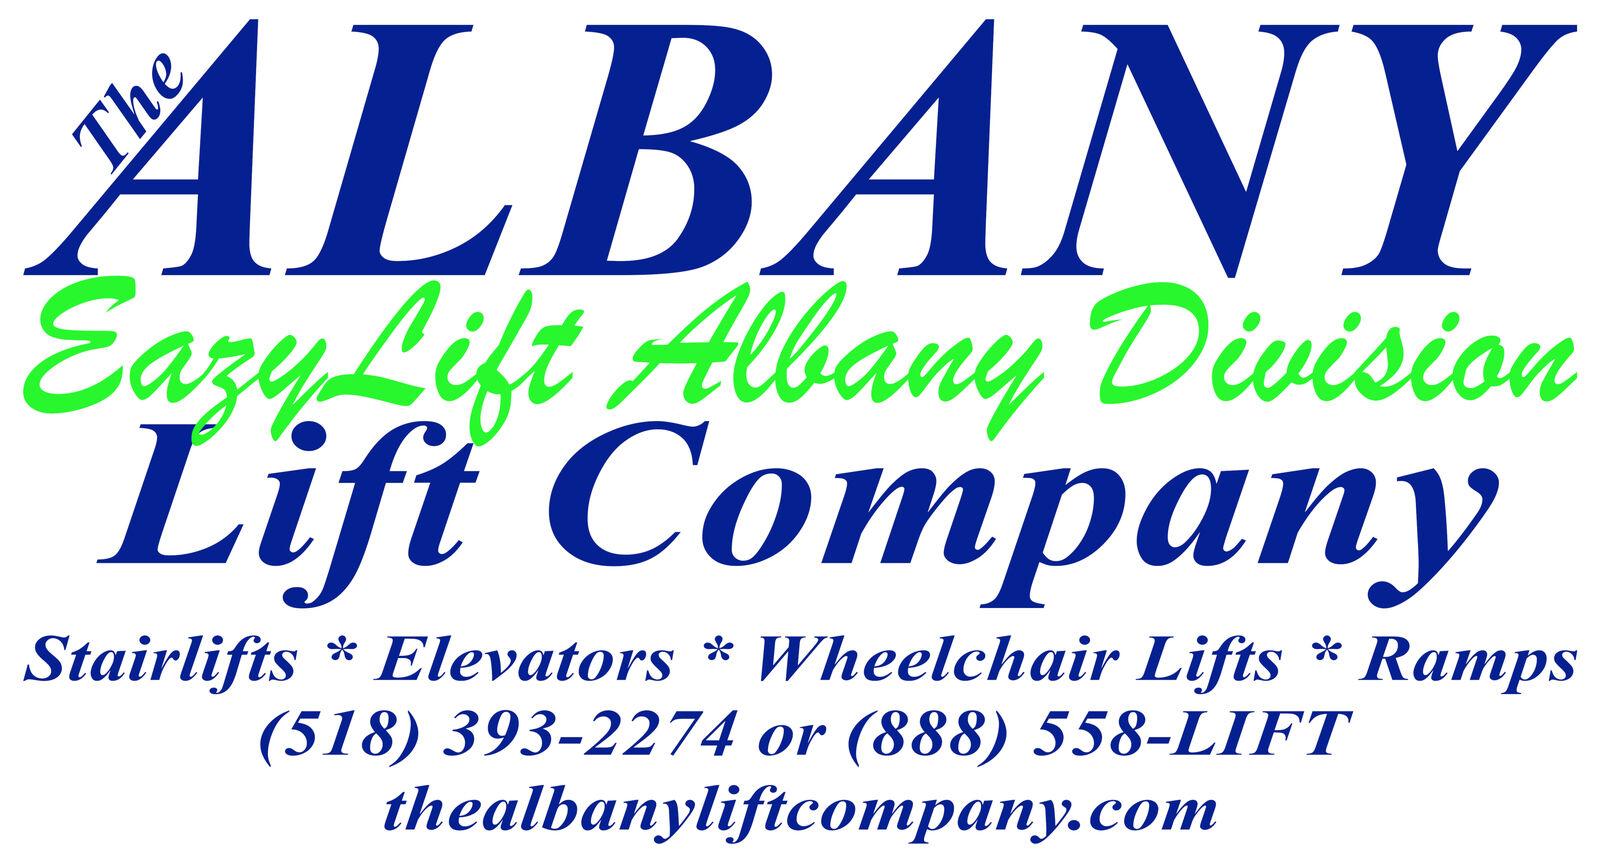 The Albany Lift Company